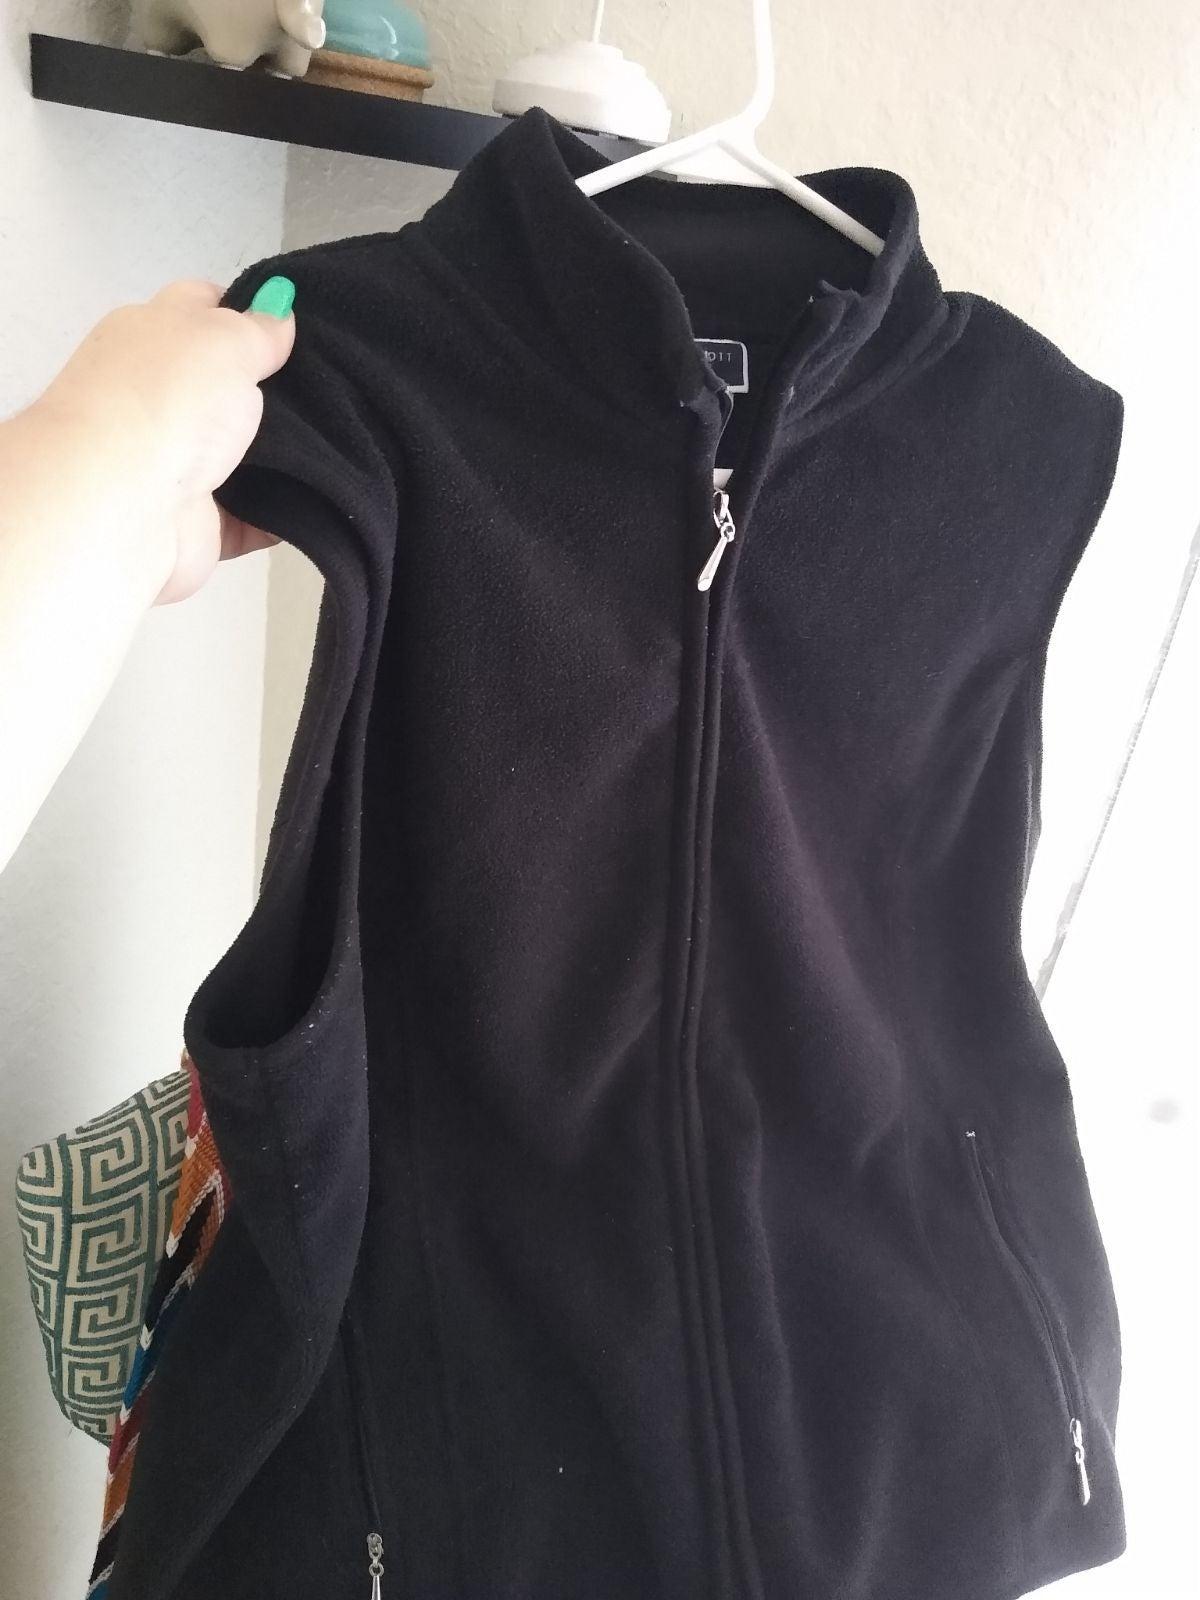 Vest for women